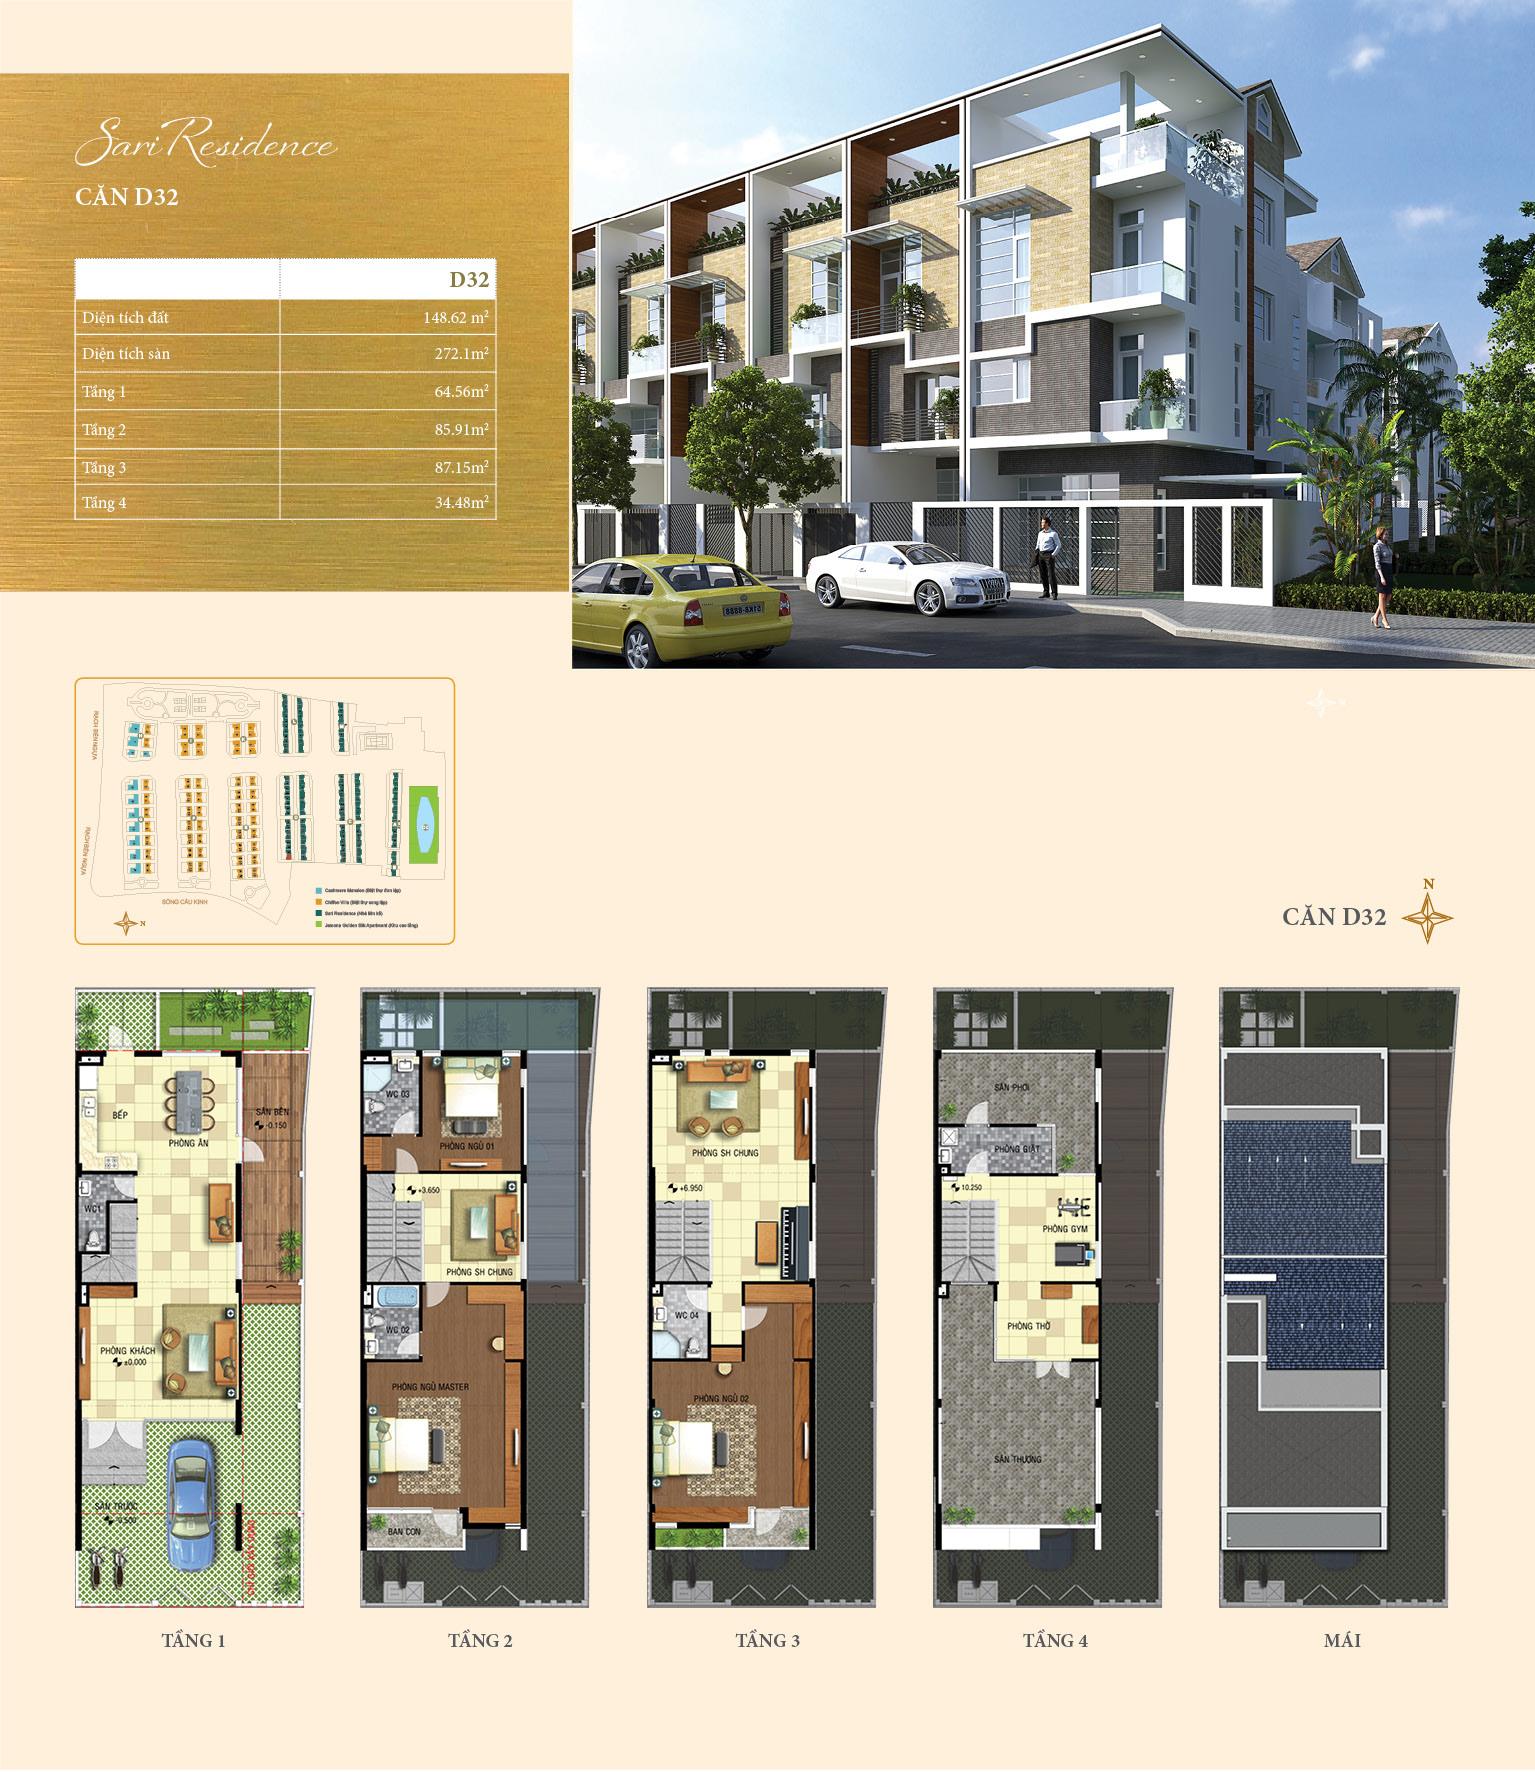 sari-residence-d32